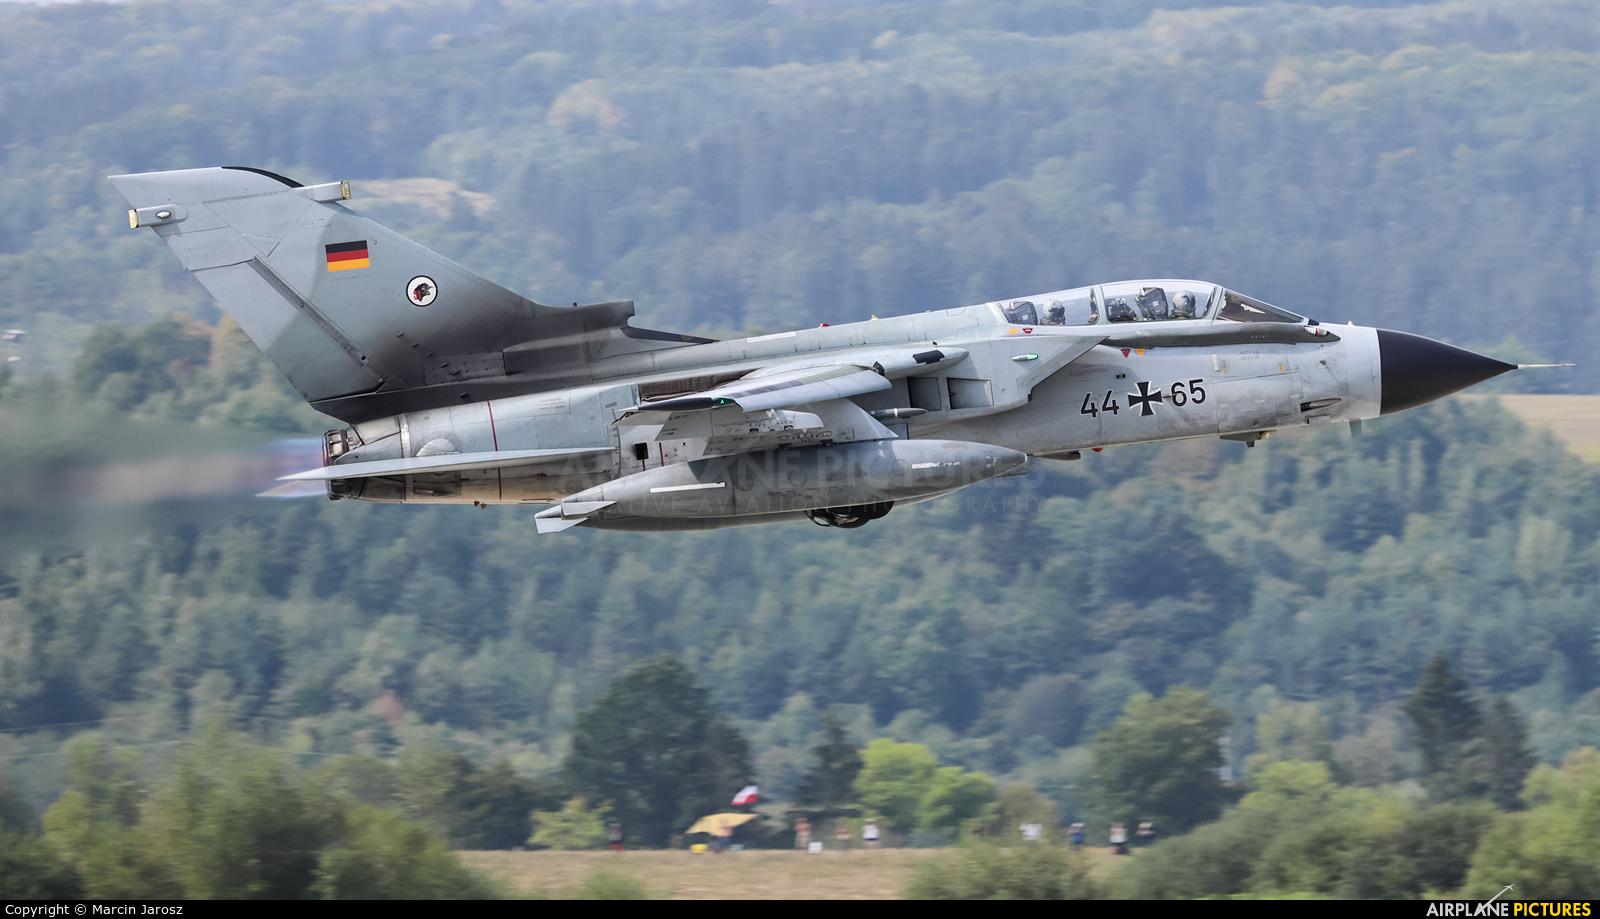 Germany - Air Force 44+65 aircraft at Sliač